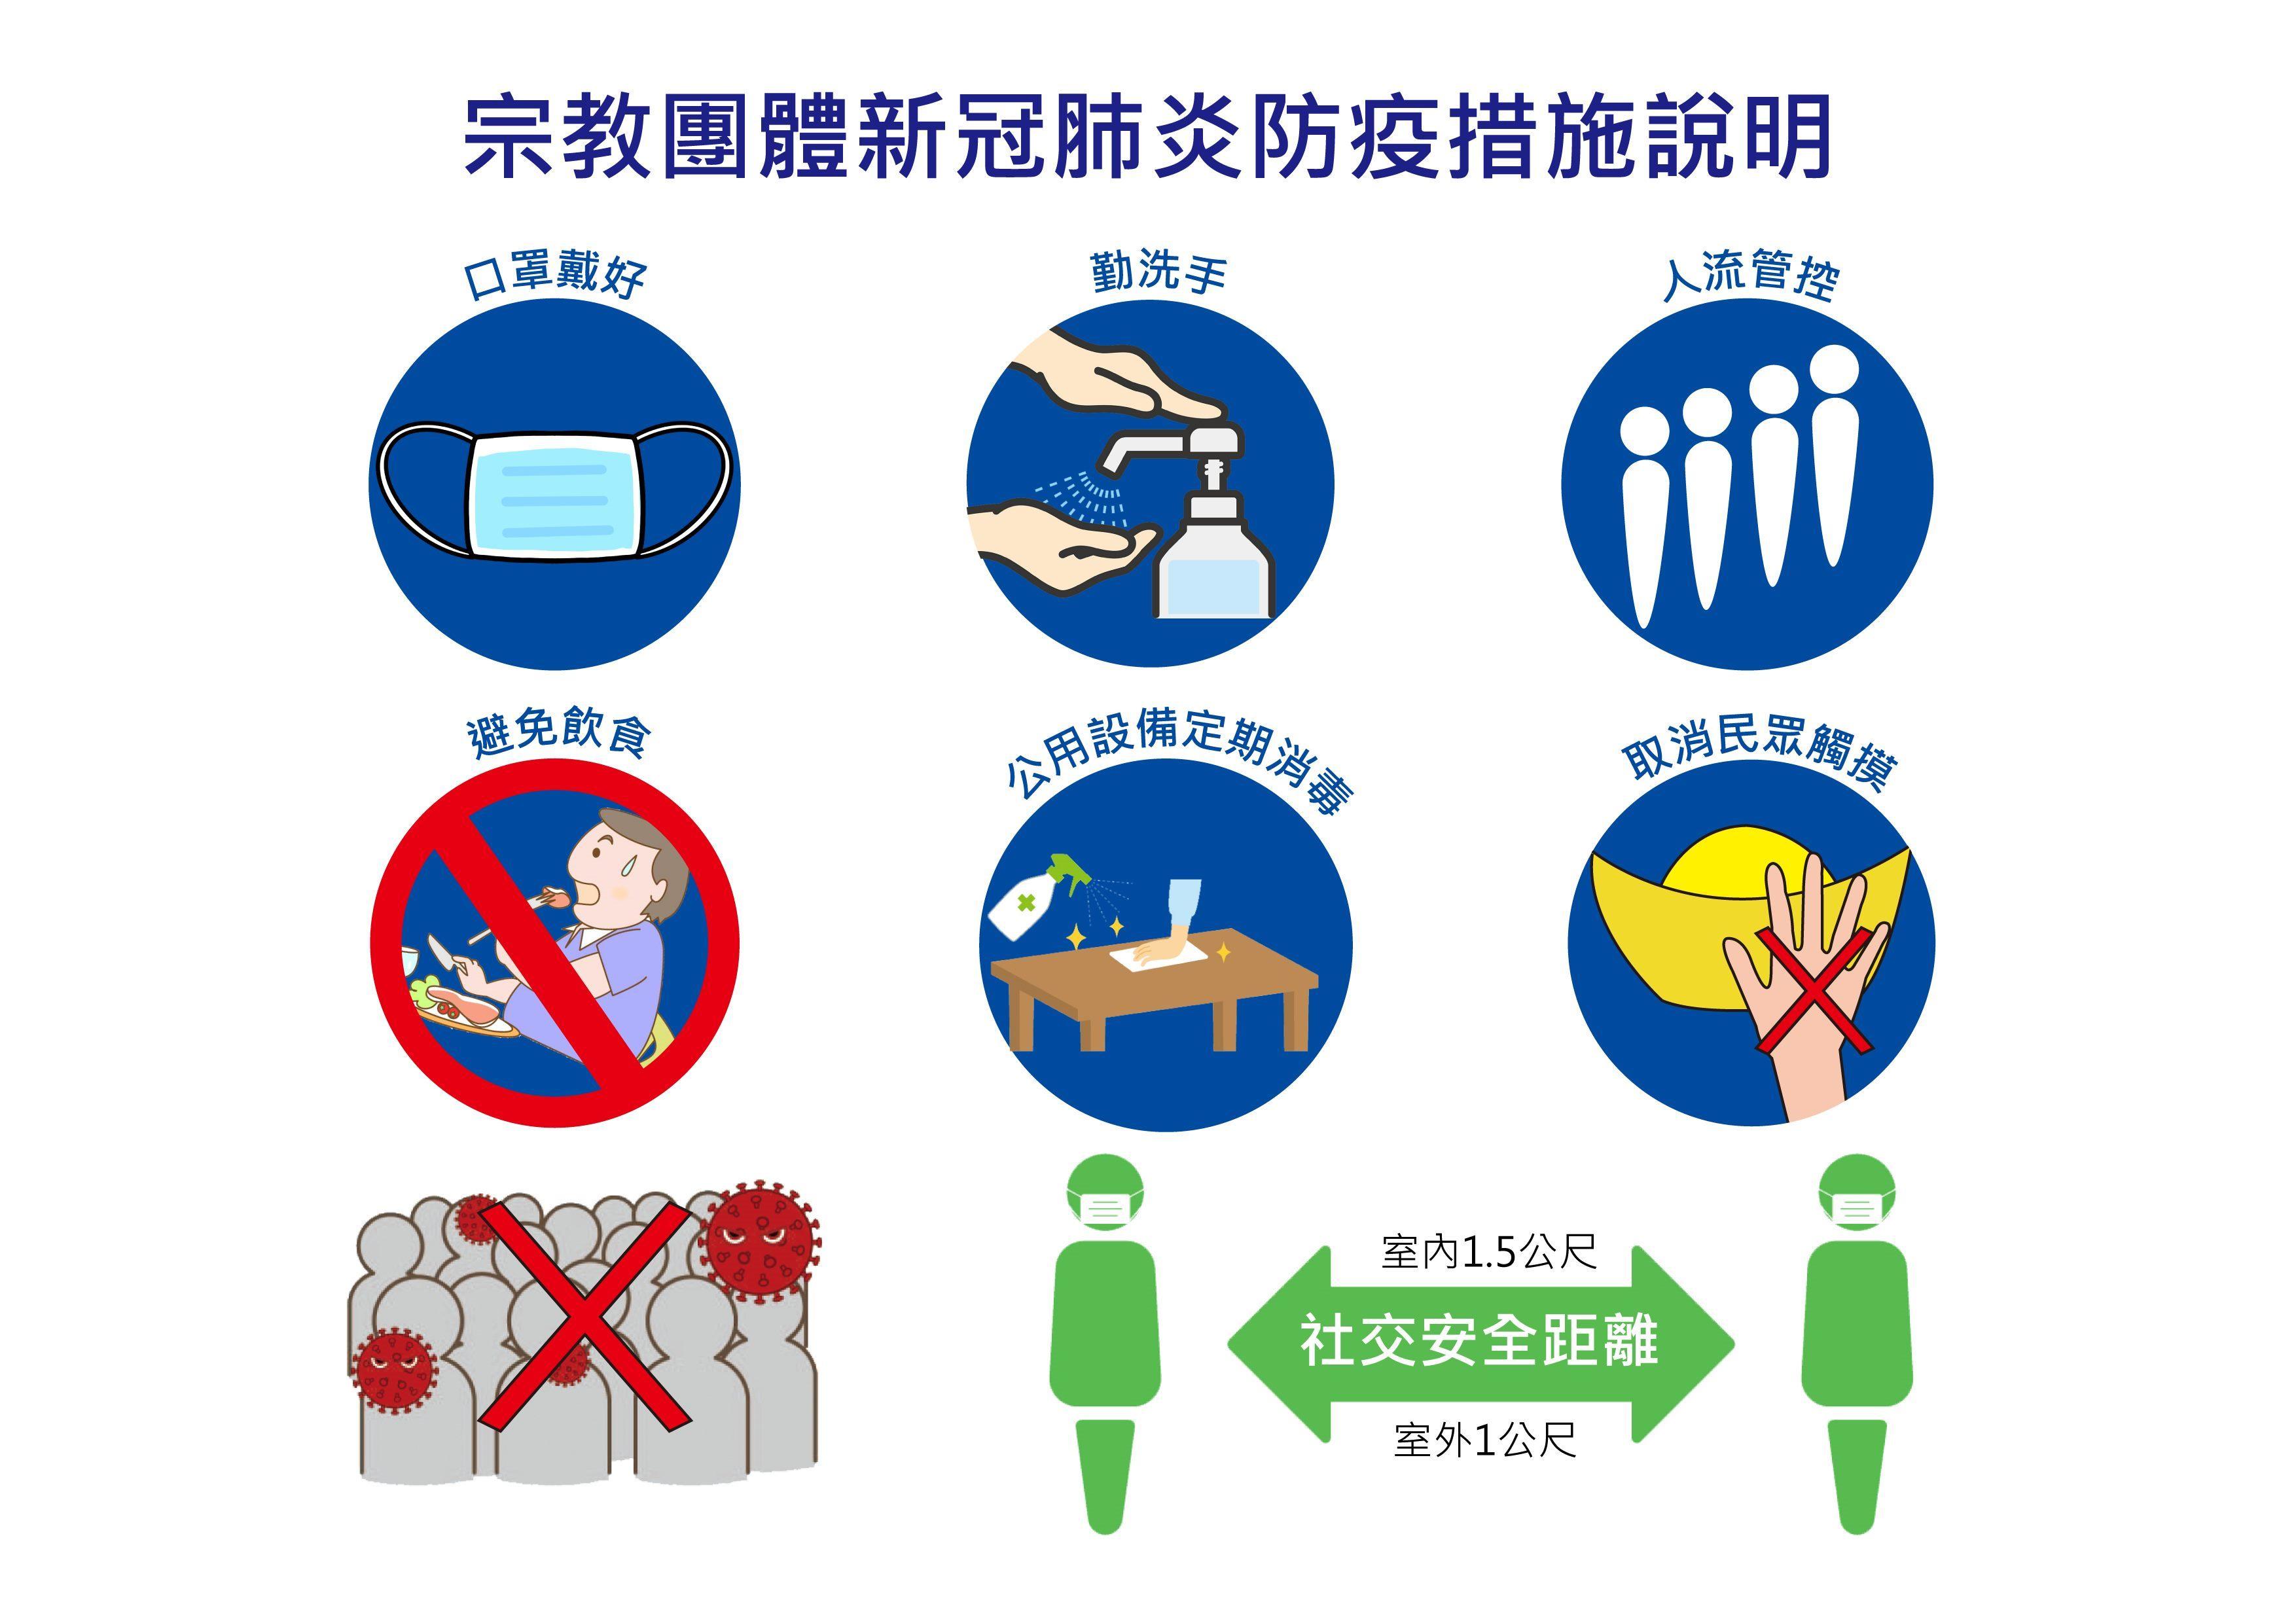 宗教團體新冠肺炎防疫措施說明-口罩戴好、勤洗手、人流管控、避免飲食、公共設備定期消毒、取消民眾觸摸(pdf檔)[另開新視窗]